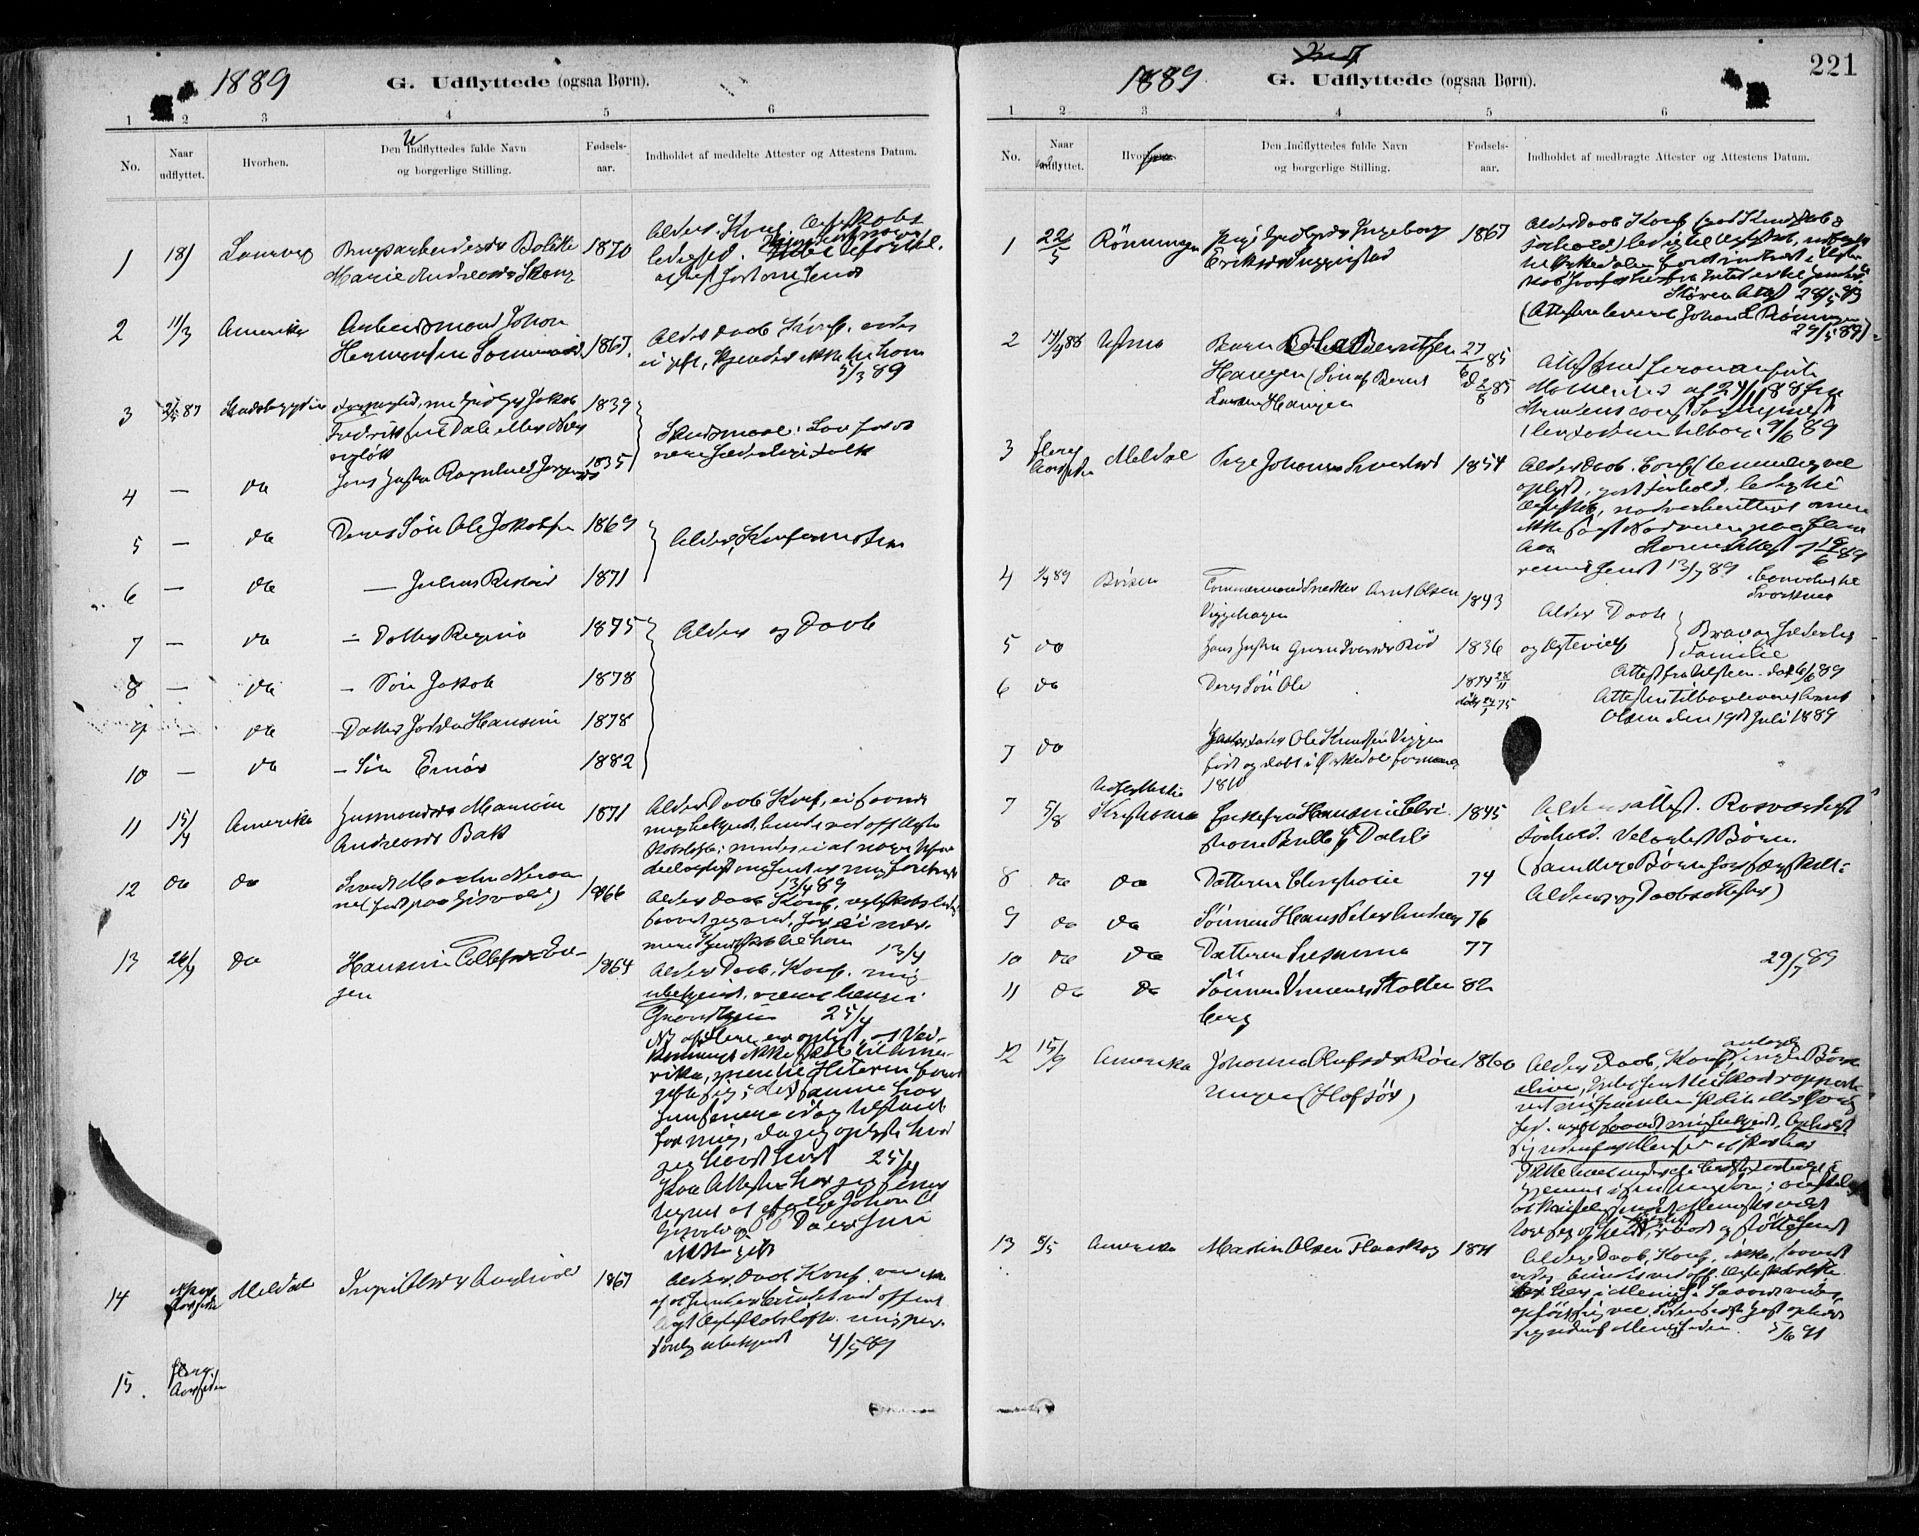 SAT, Ministerialprotokoller, klokkerbøker og fødselsregistre - Sør-Trøndelag, 668/L0810: Ministerialbok nr. 668A10, 1881-1894, s. 221